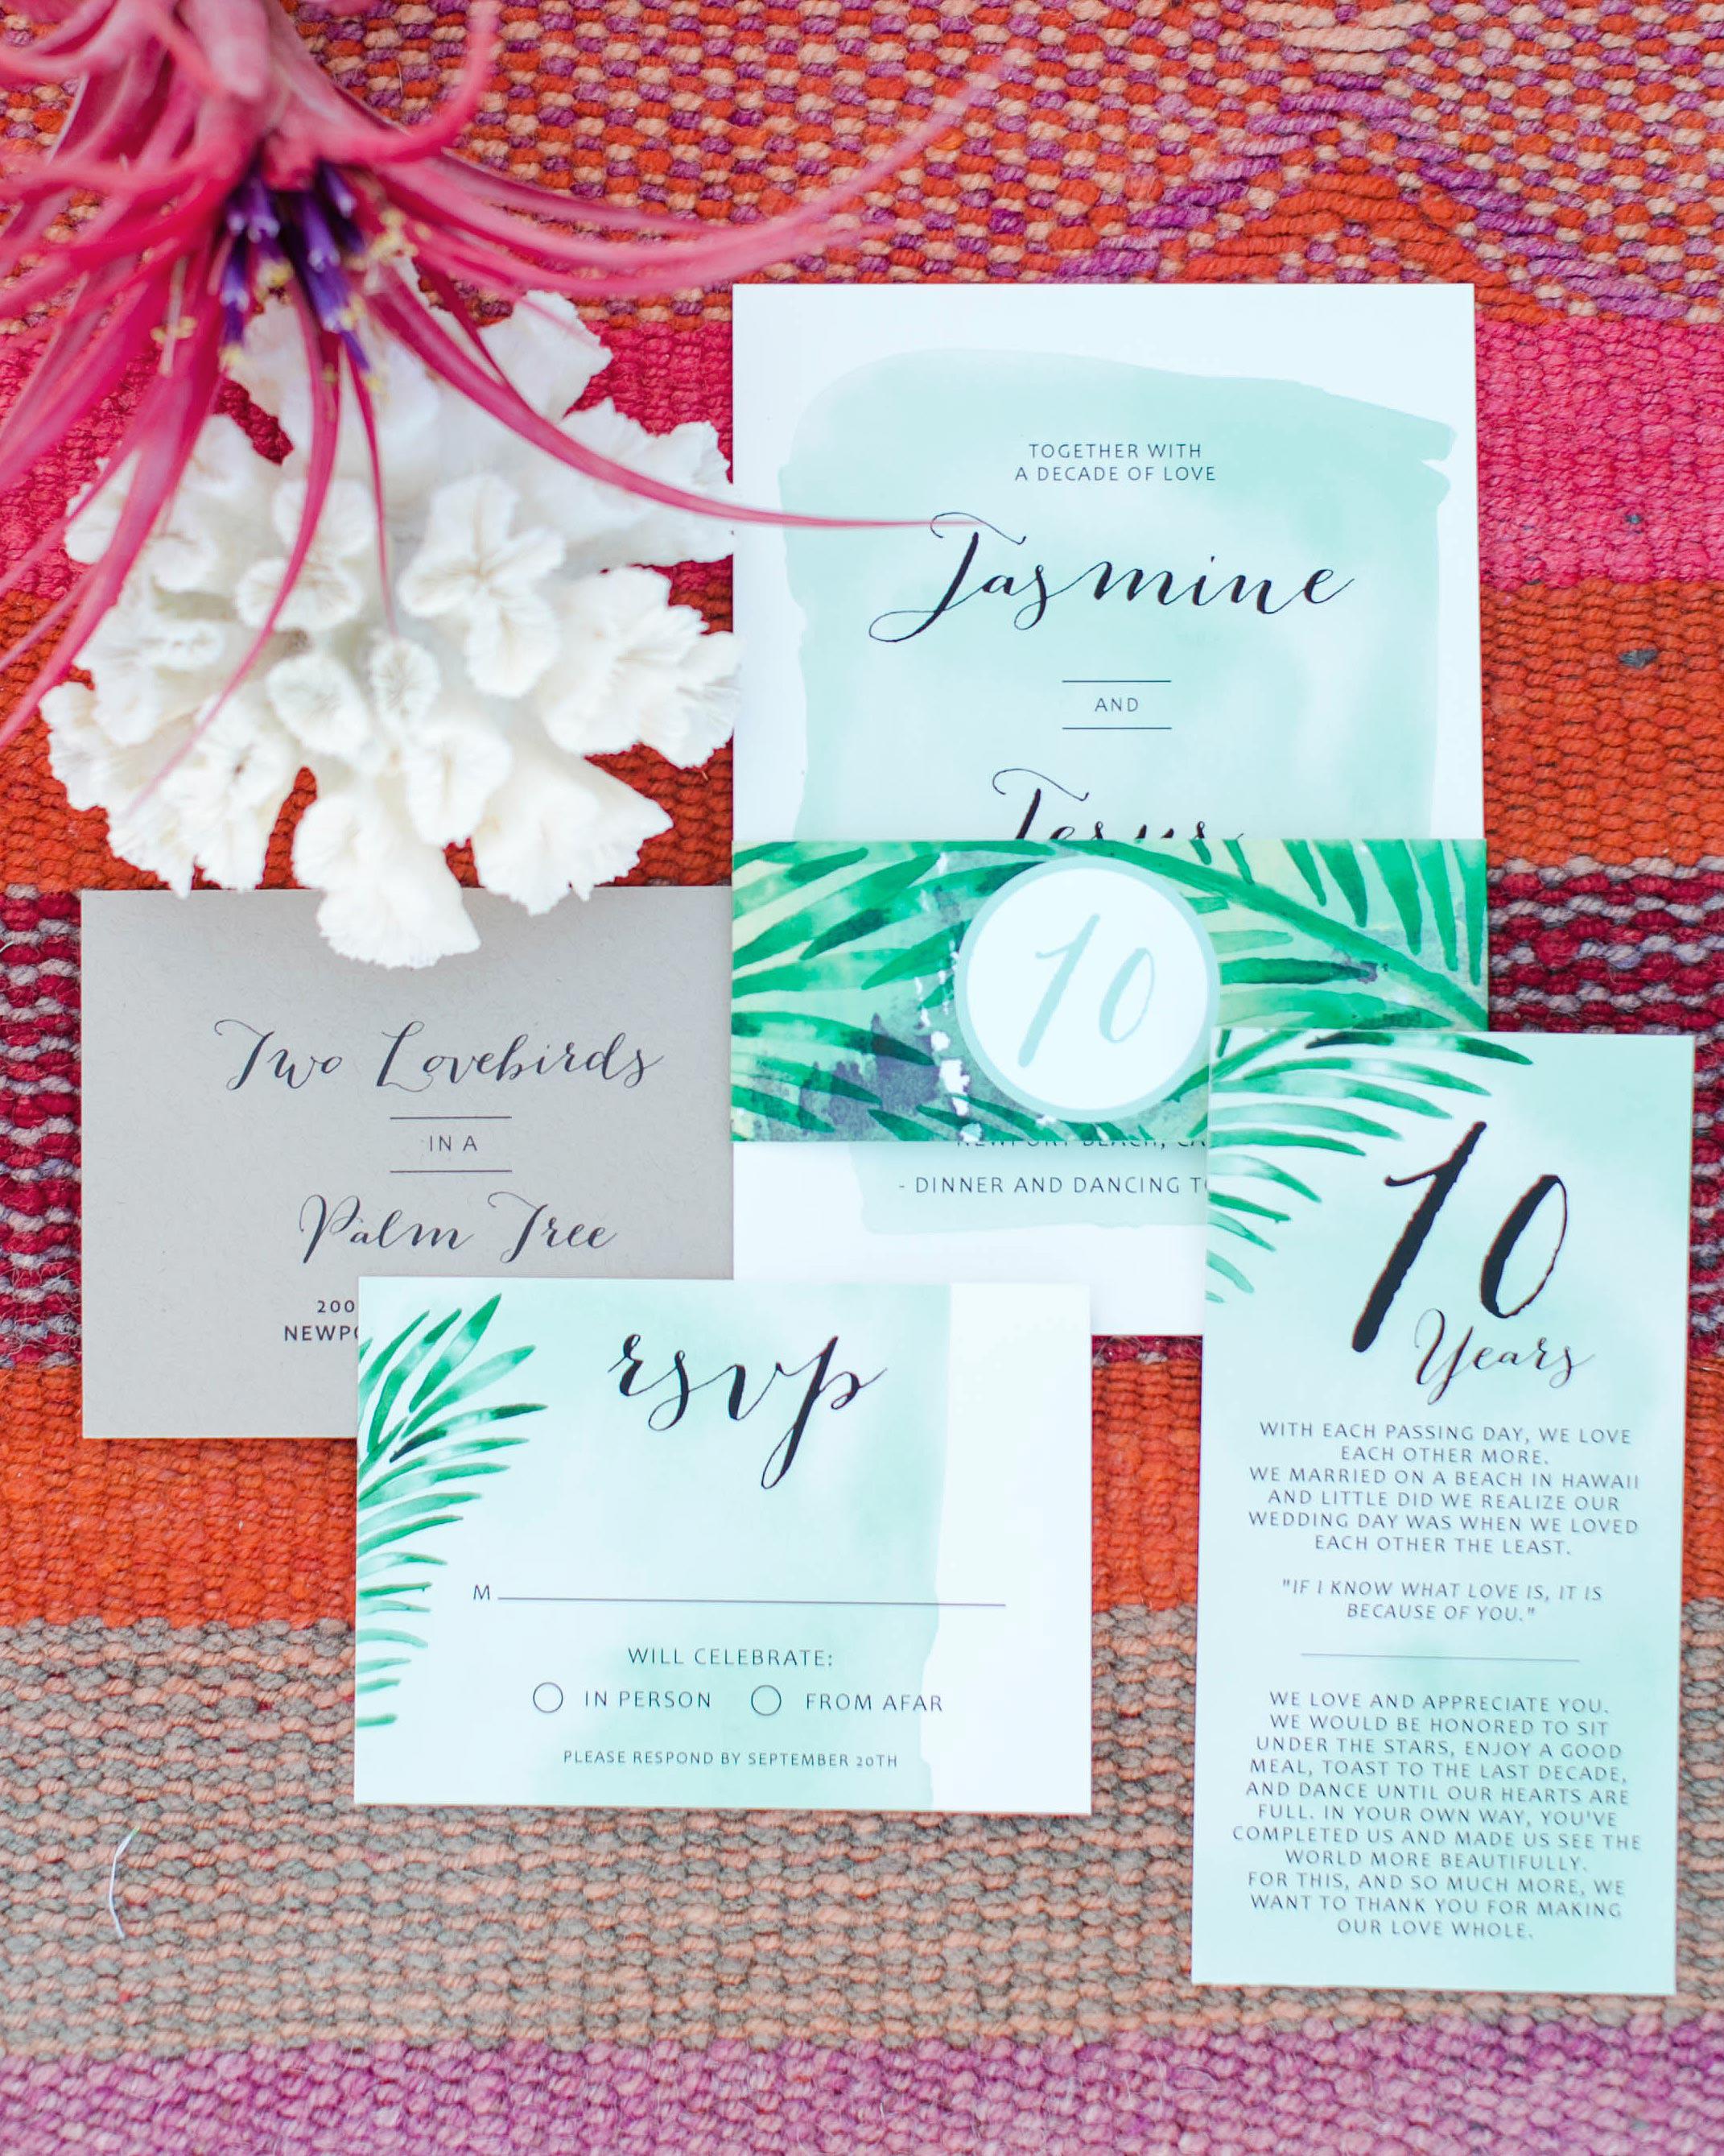 jasmine-jd-anniversary-invite-002-s112834-0516.jpg